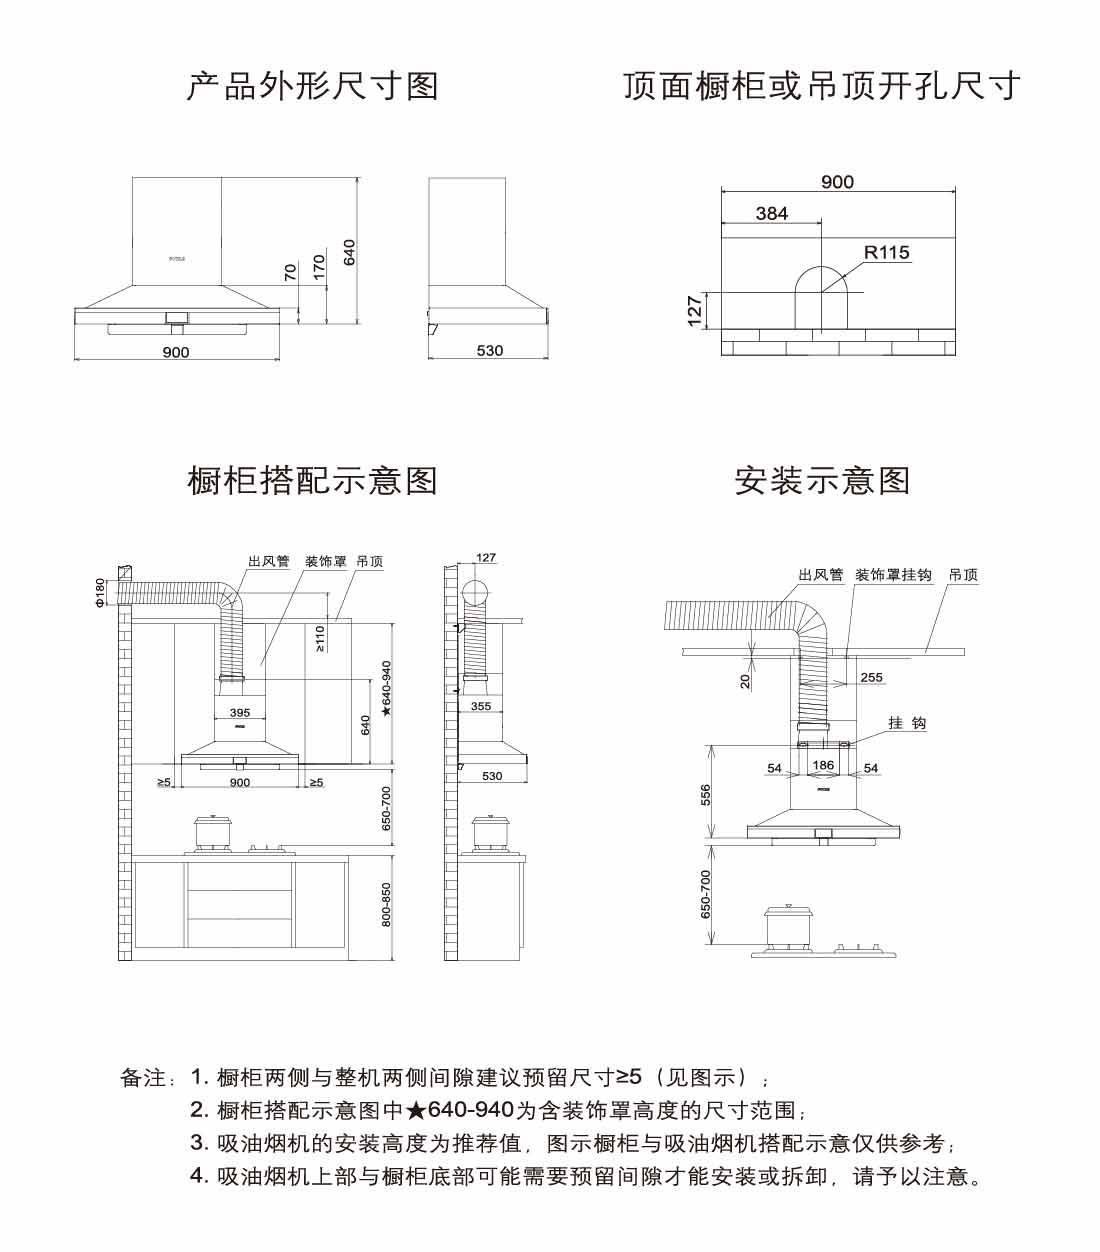 彩28彩票CXW-200-EM10T装置表示图